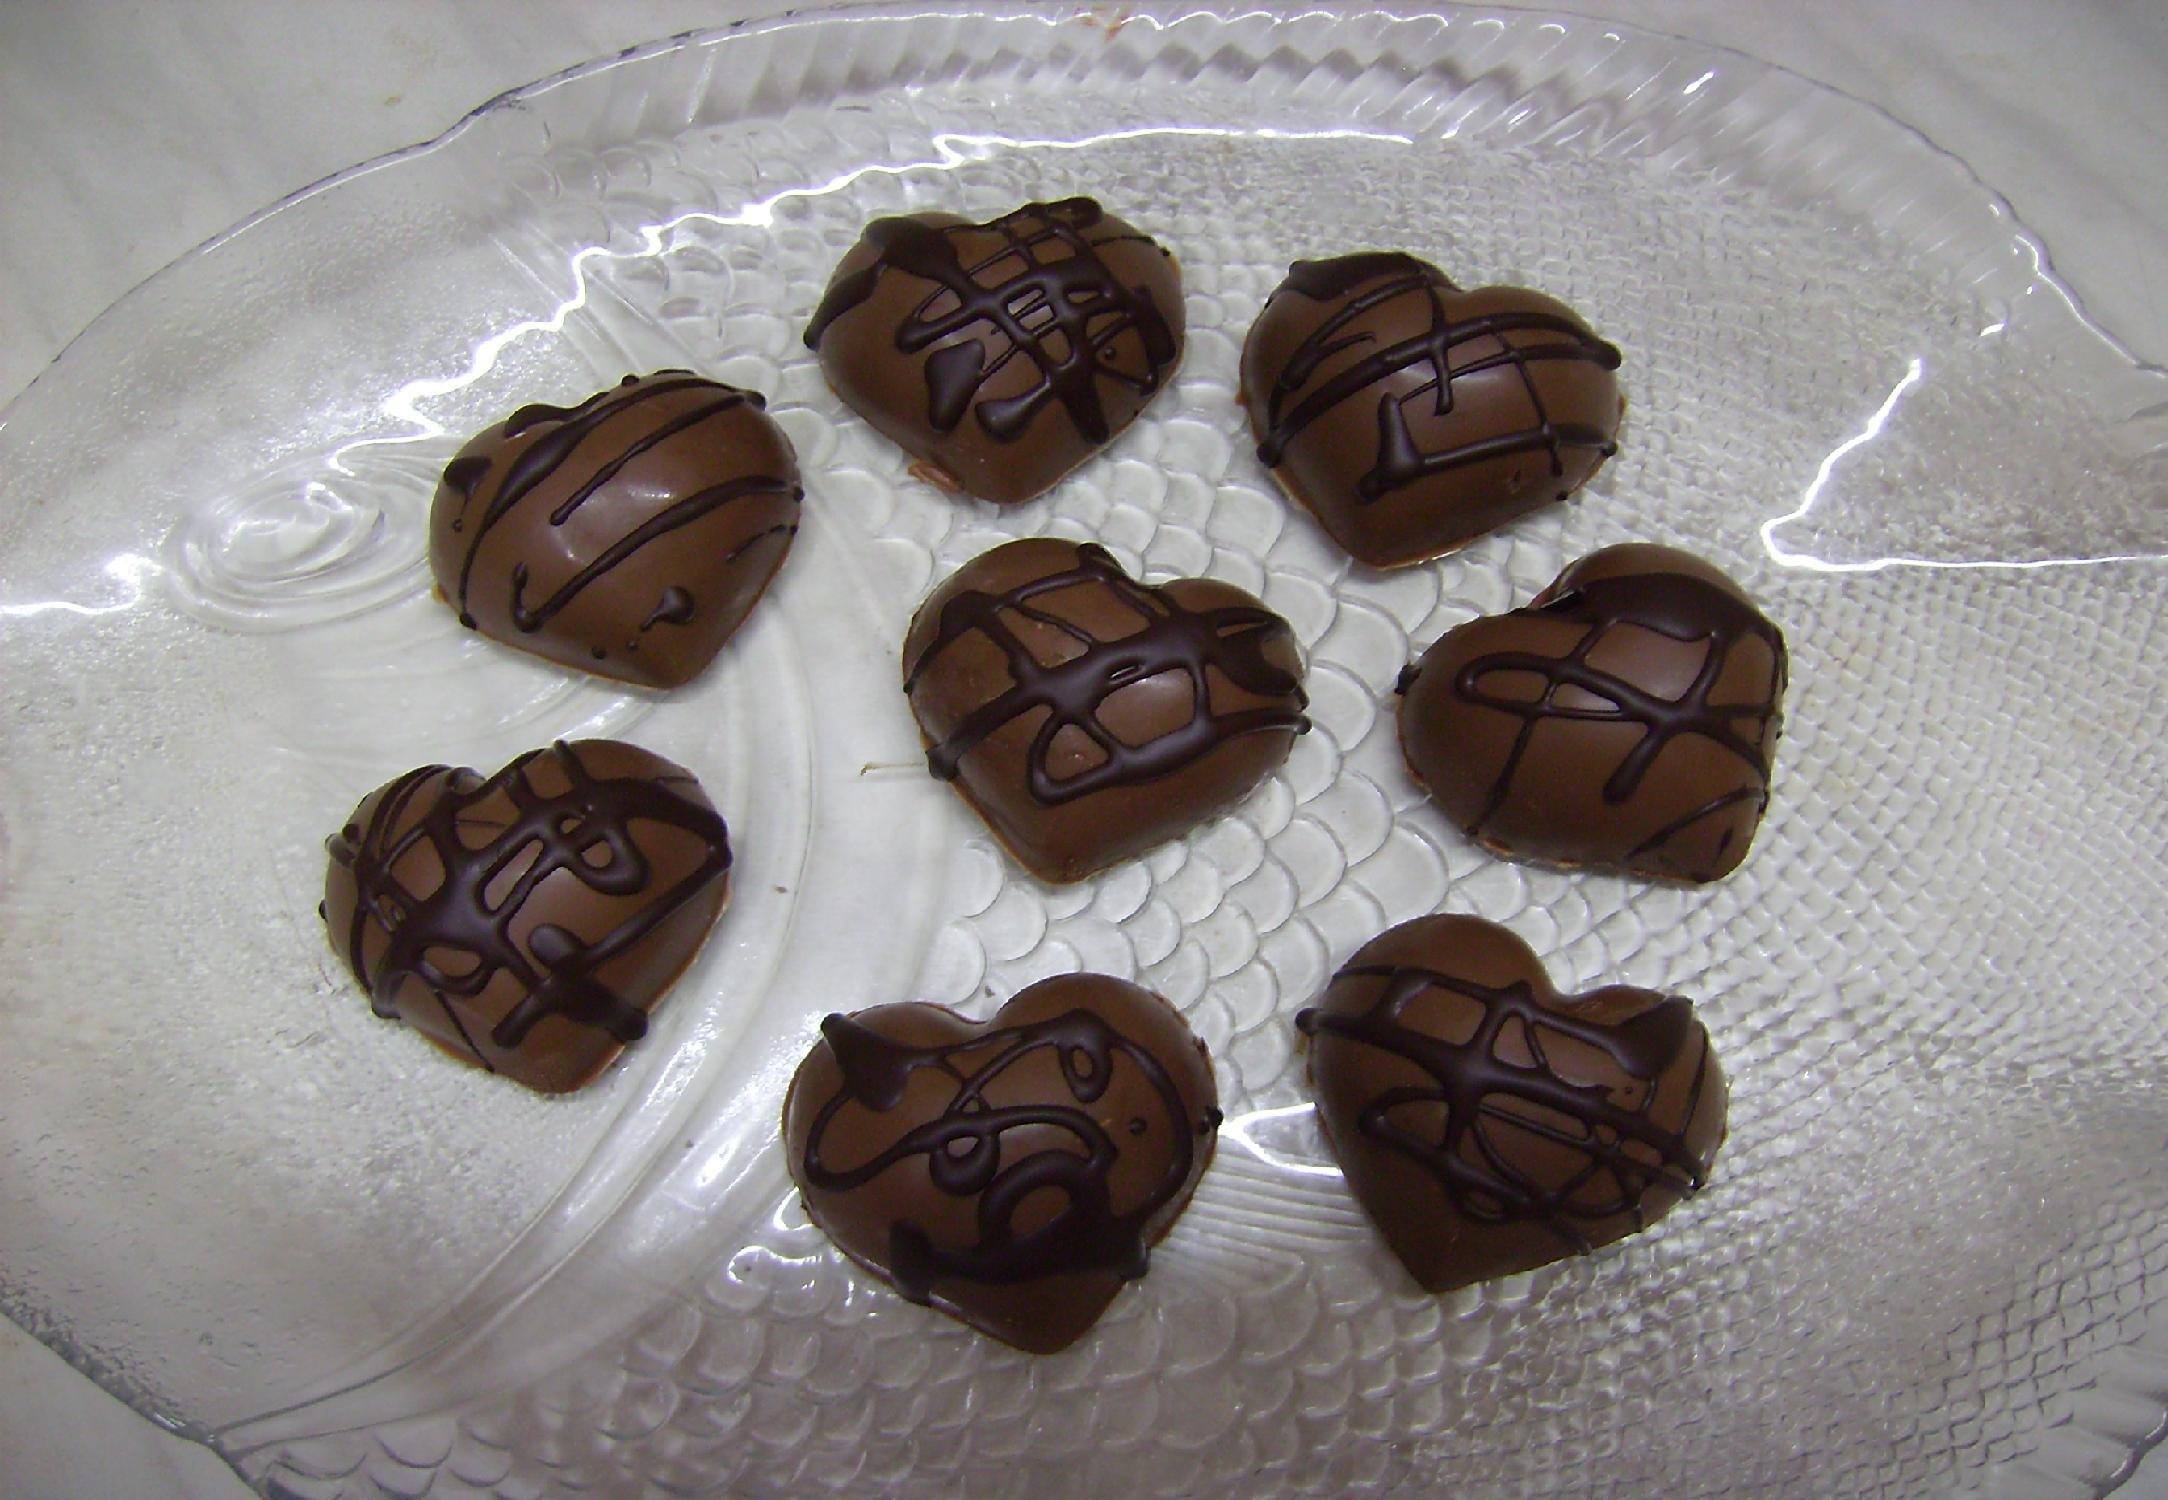 Recept Domácí čokoláda - Můžeme plnit různými krémy, oříšky, sušeným ovocem a nebo likéry.